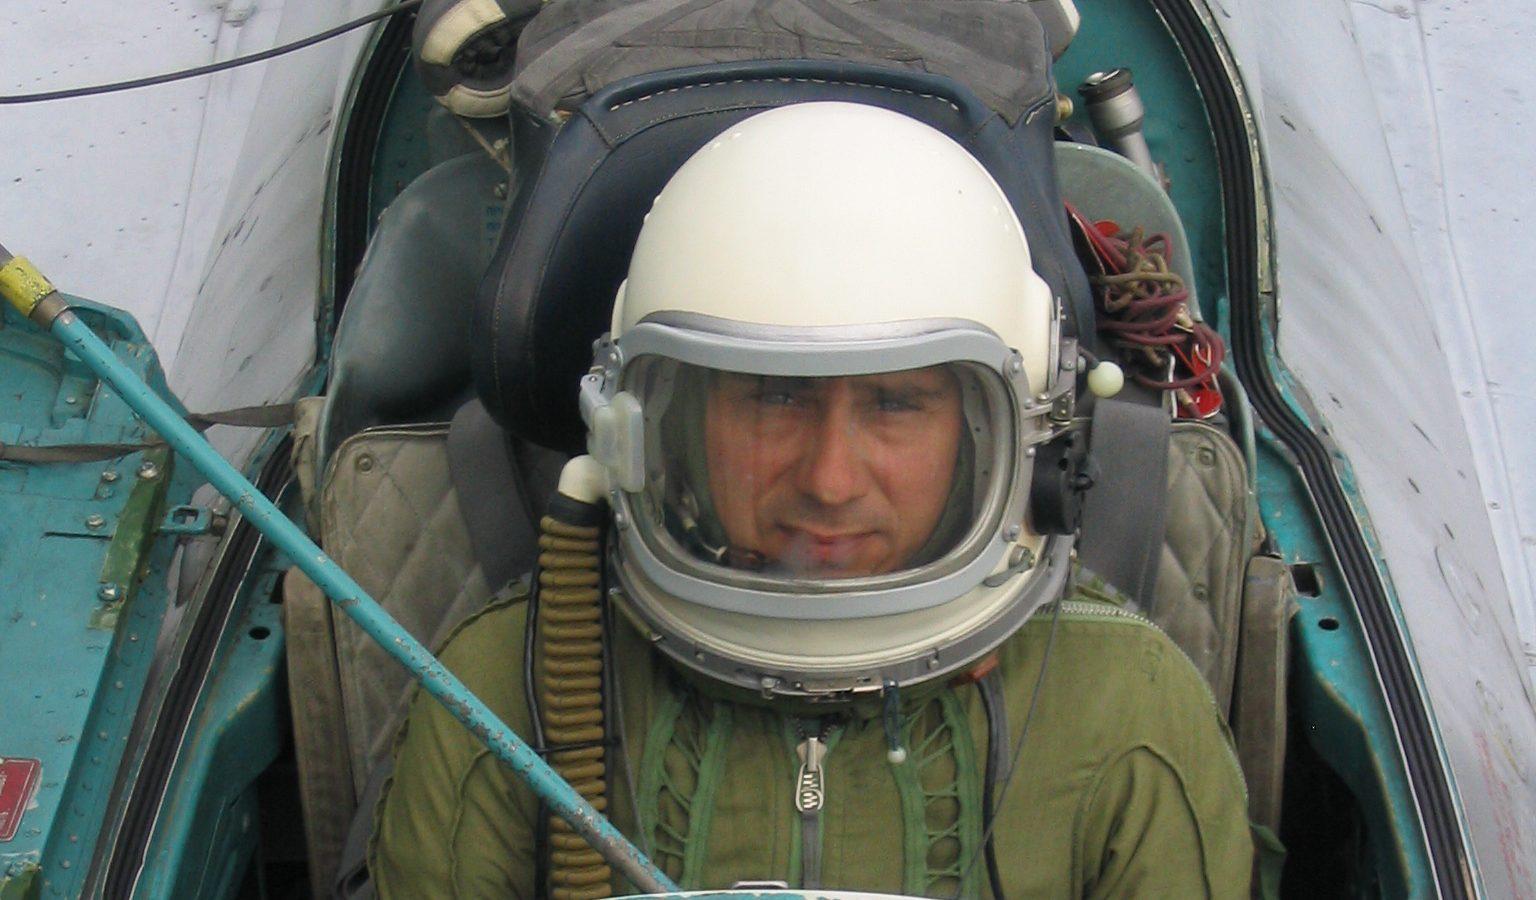 Kako sam leteo jedan od najbržih aviona na ovim prostorima: Pilotska profesija me je izabrala, ali prepreka ka MiG-u 21 ima mnogo